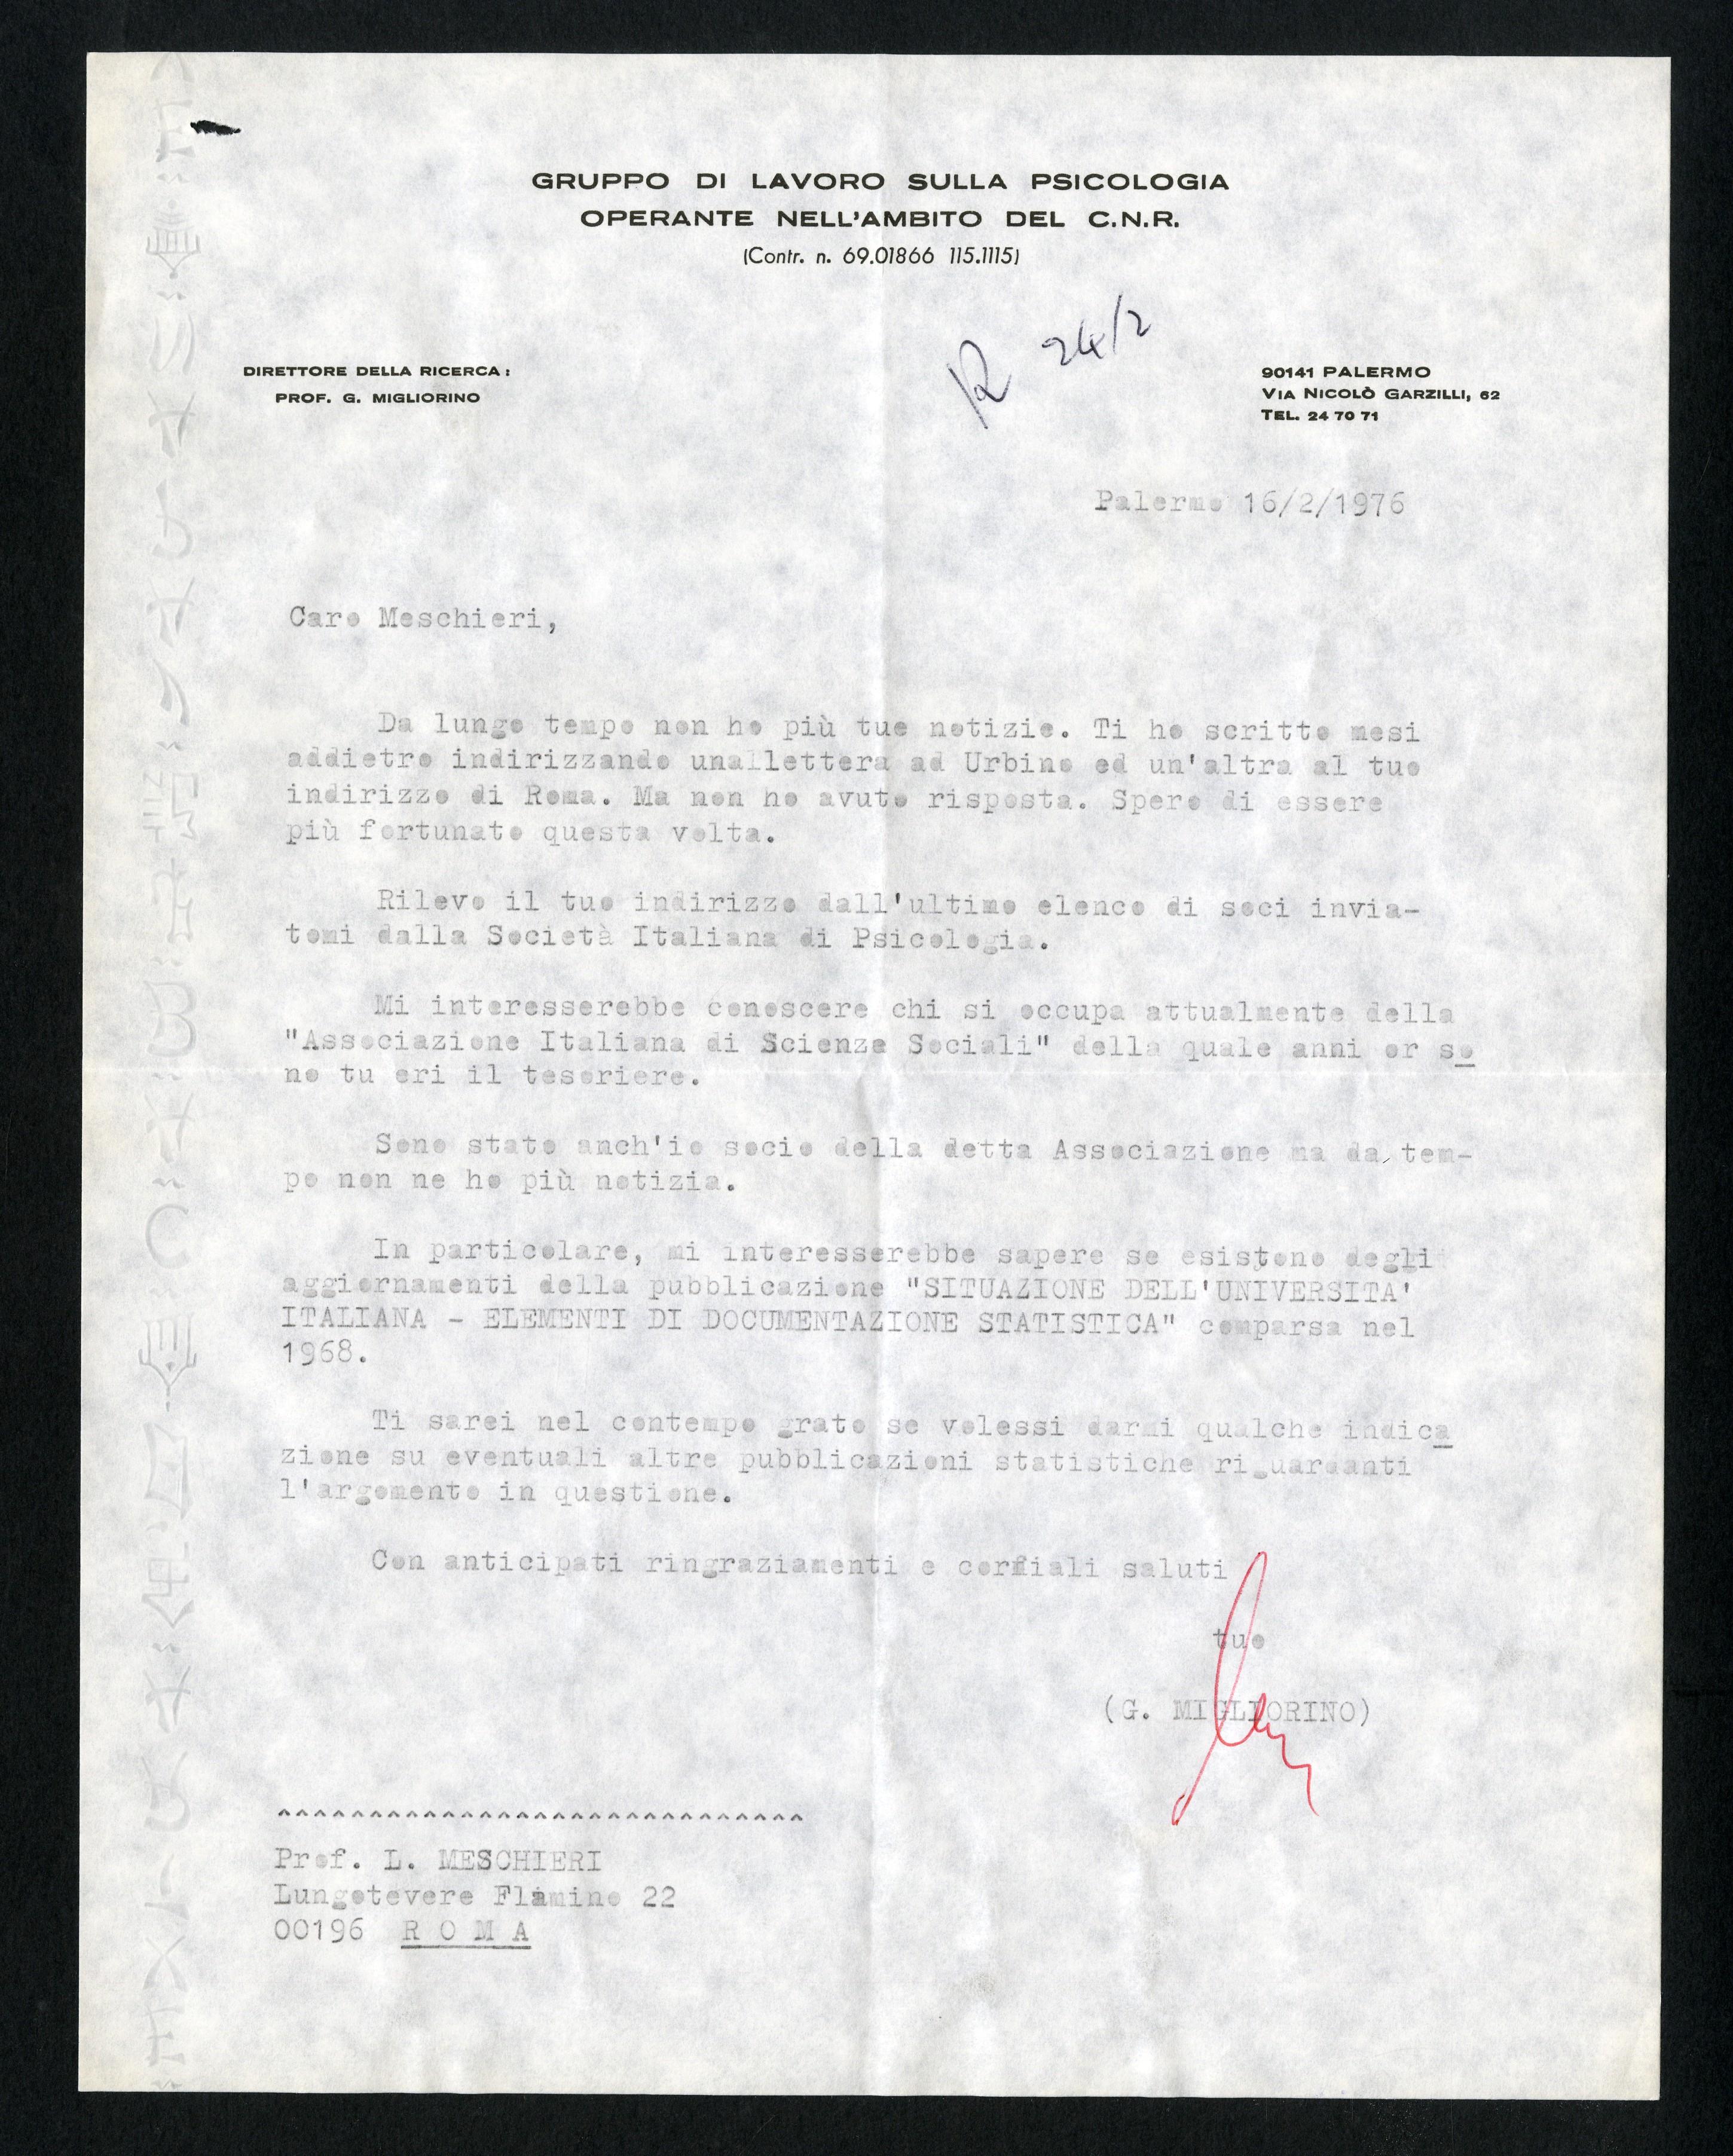 Migliorino Giuseppe - Aspi - Archivio storico della psicologia italiana a553cb031f45